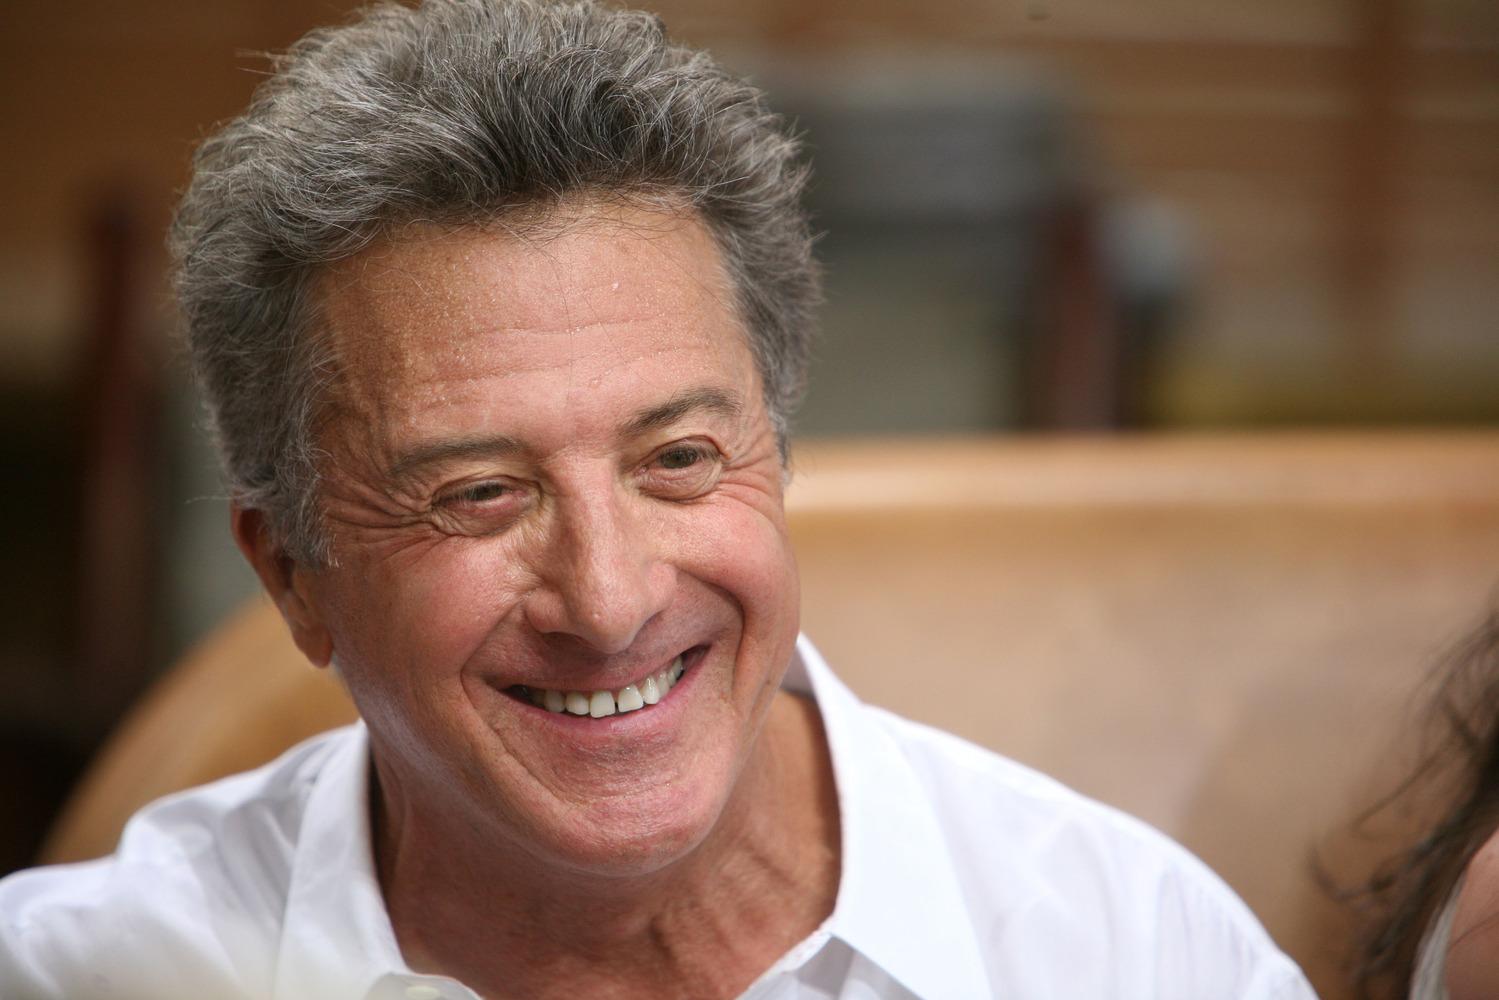 Dustin-Hoffman-oggi-il-cinema-è-il-peggiore-di-sempre-meglio-la-tv